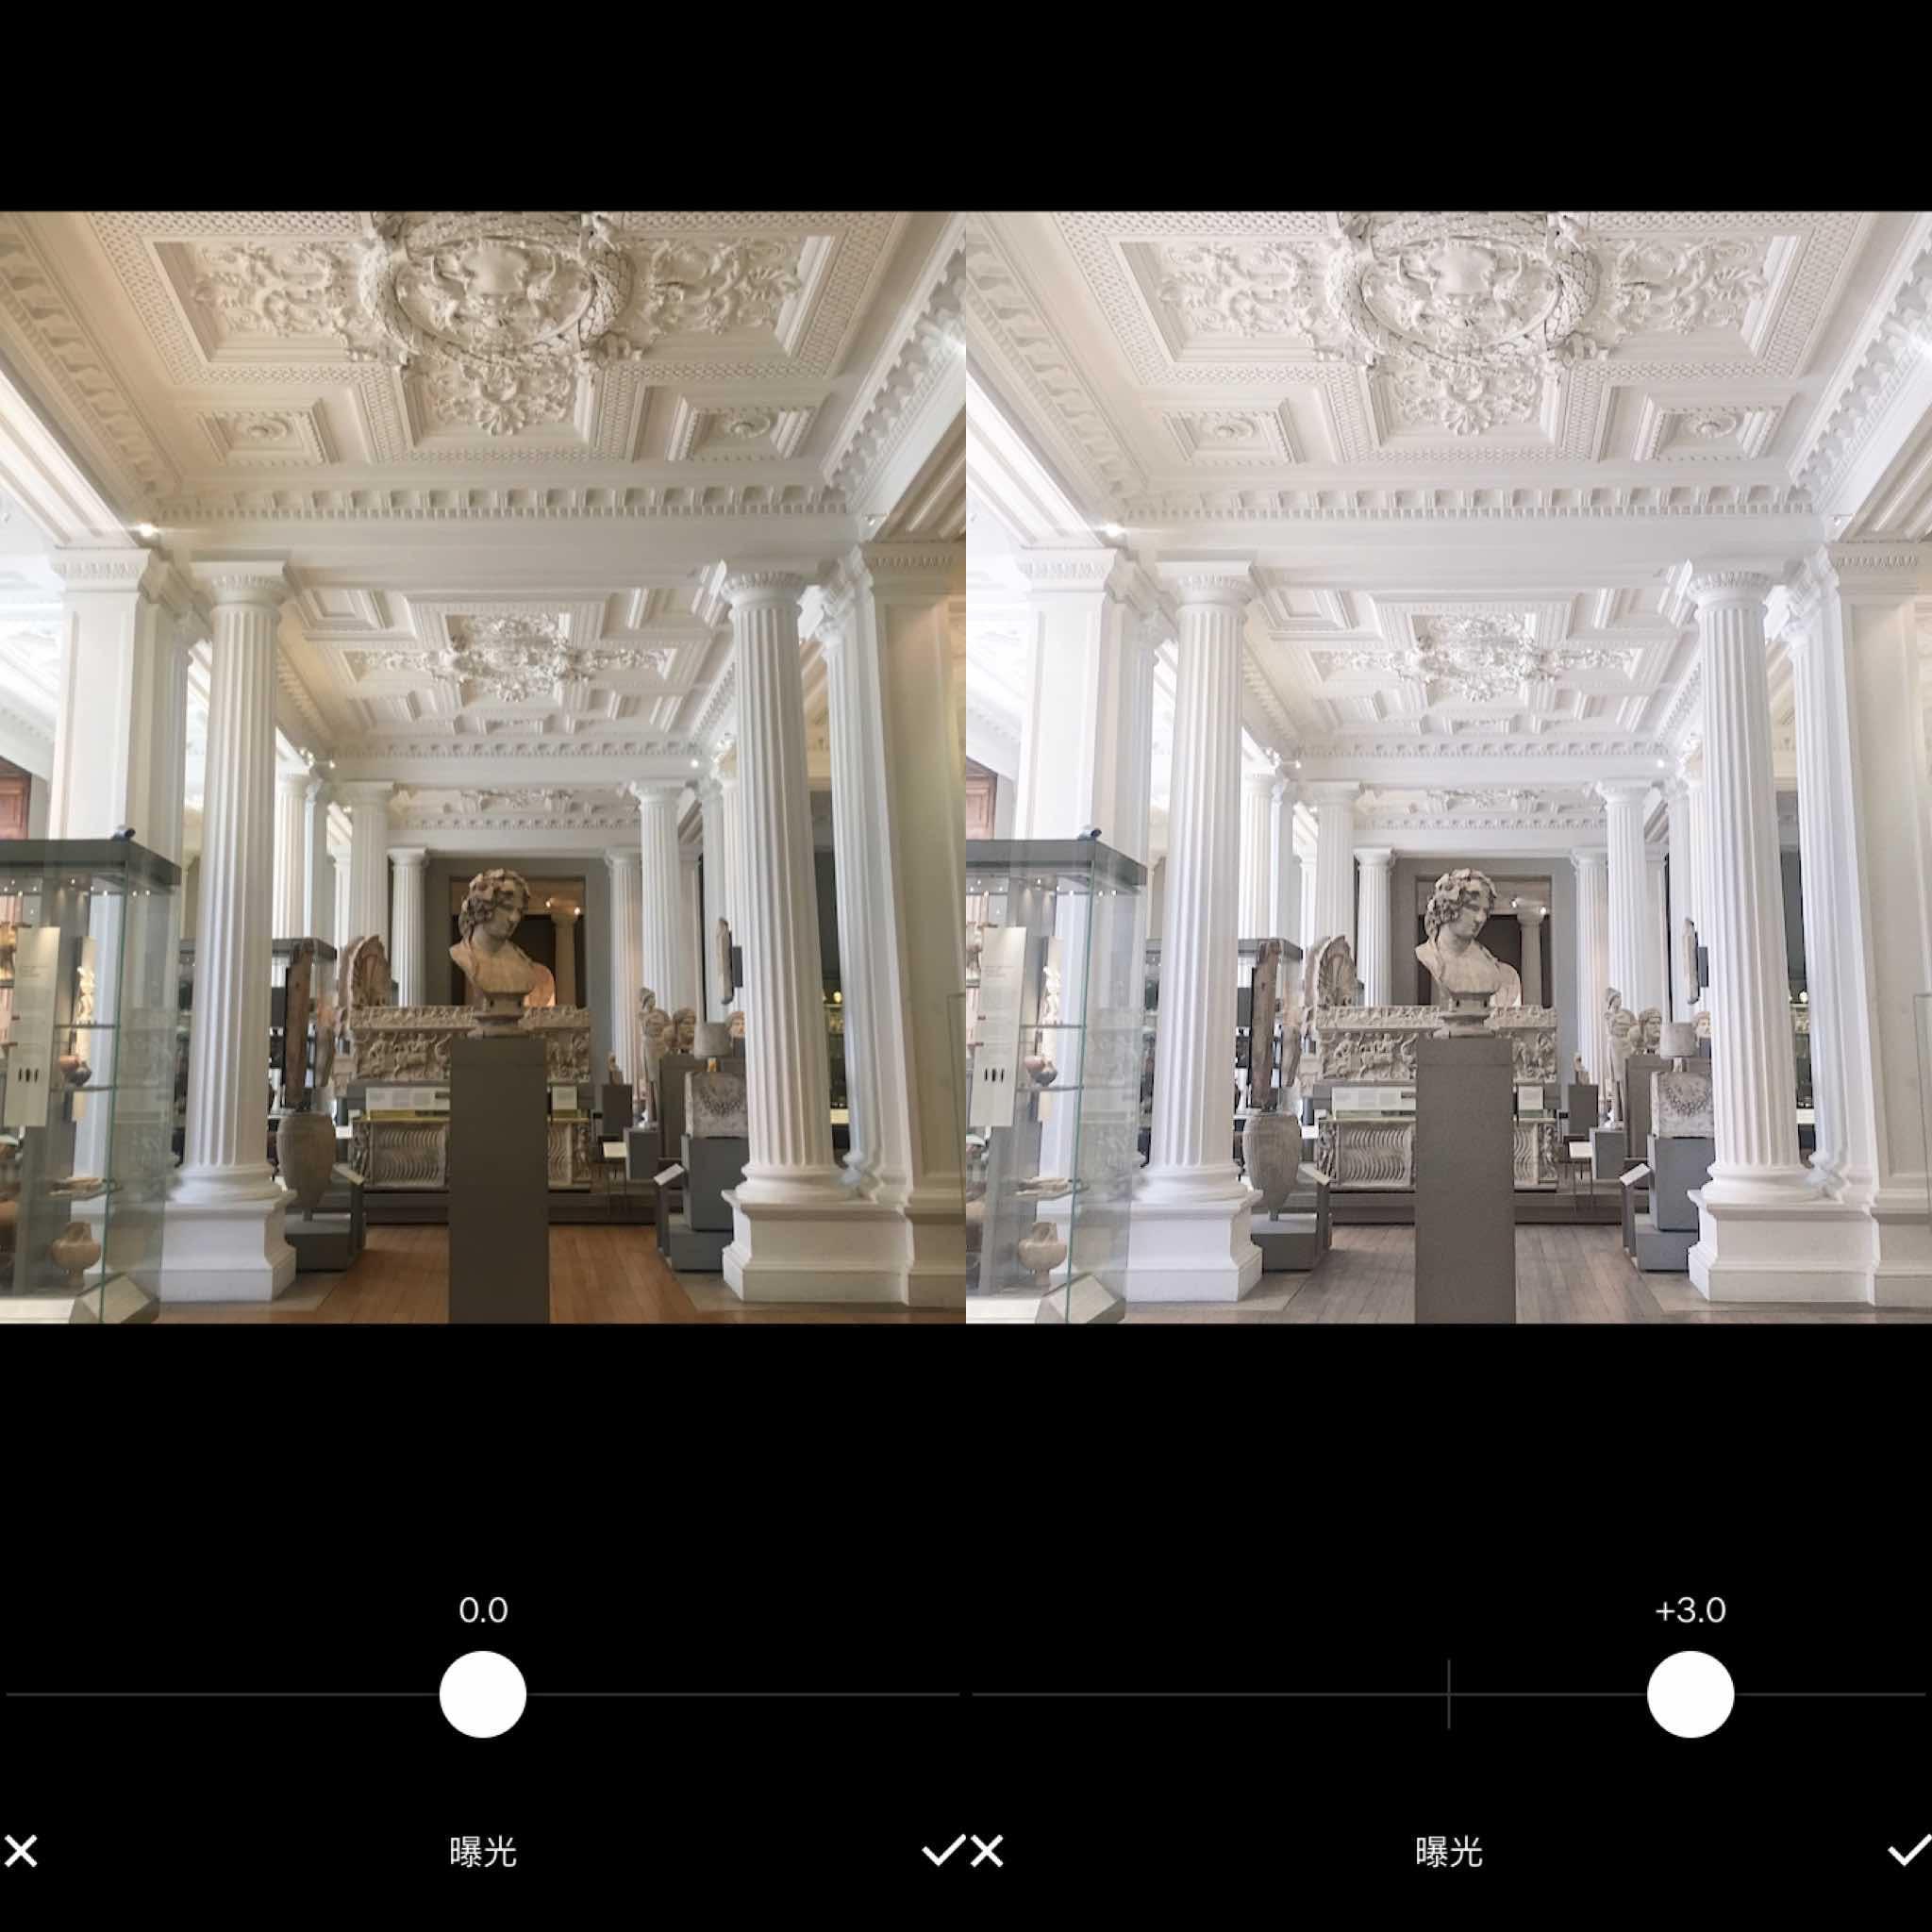 再來進入進階版的場景修圖! 第一步,先調整整張照片的曝光度,亮度及曝光度是讓照片最容易看起來白淨的關鍵,但在調整時不要調整得過頭讓整張照片大曝光喔!